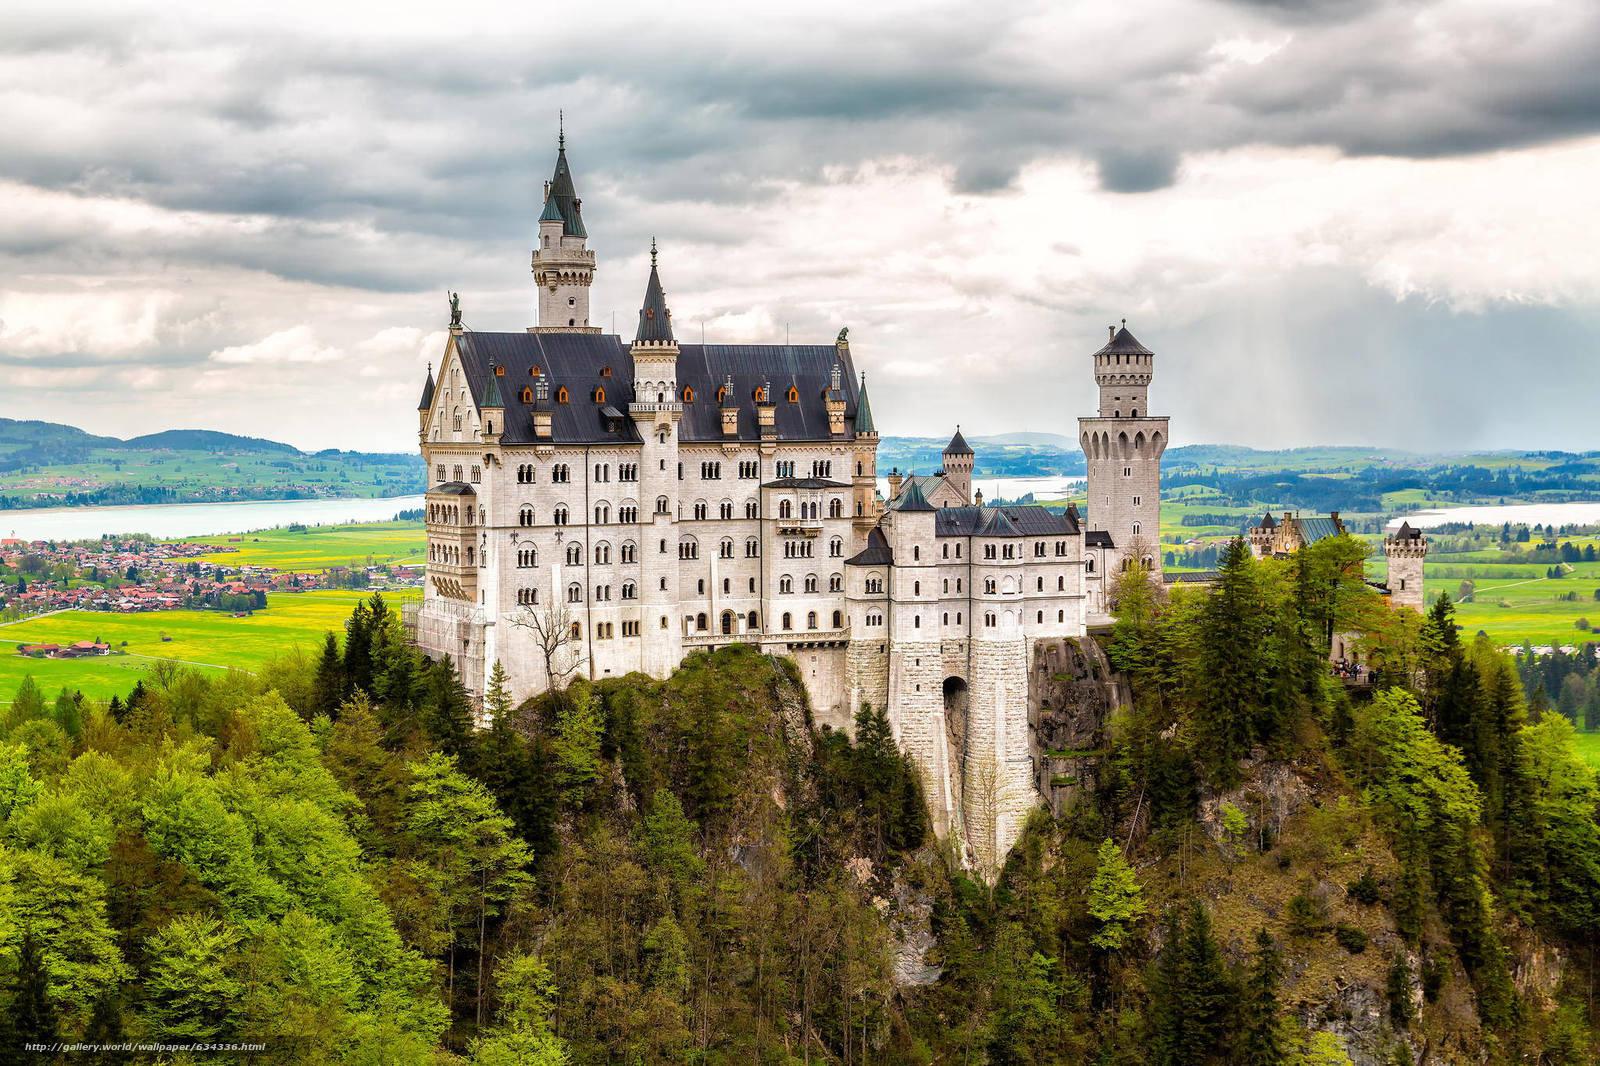 Скачать обои Neuschwanstein Castle,  Bavaria,  Germany,  Замок Нойшванштайн бесплатно для рабочего стола в разрешении 2048x1365 — картинка №634336